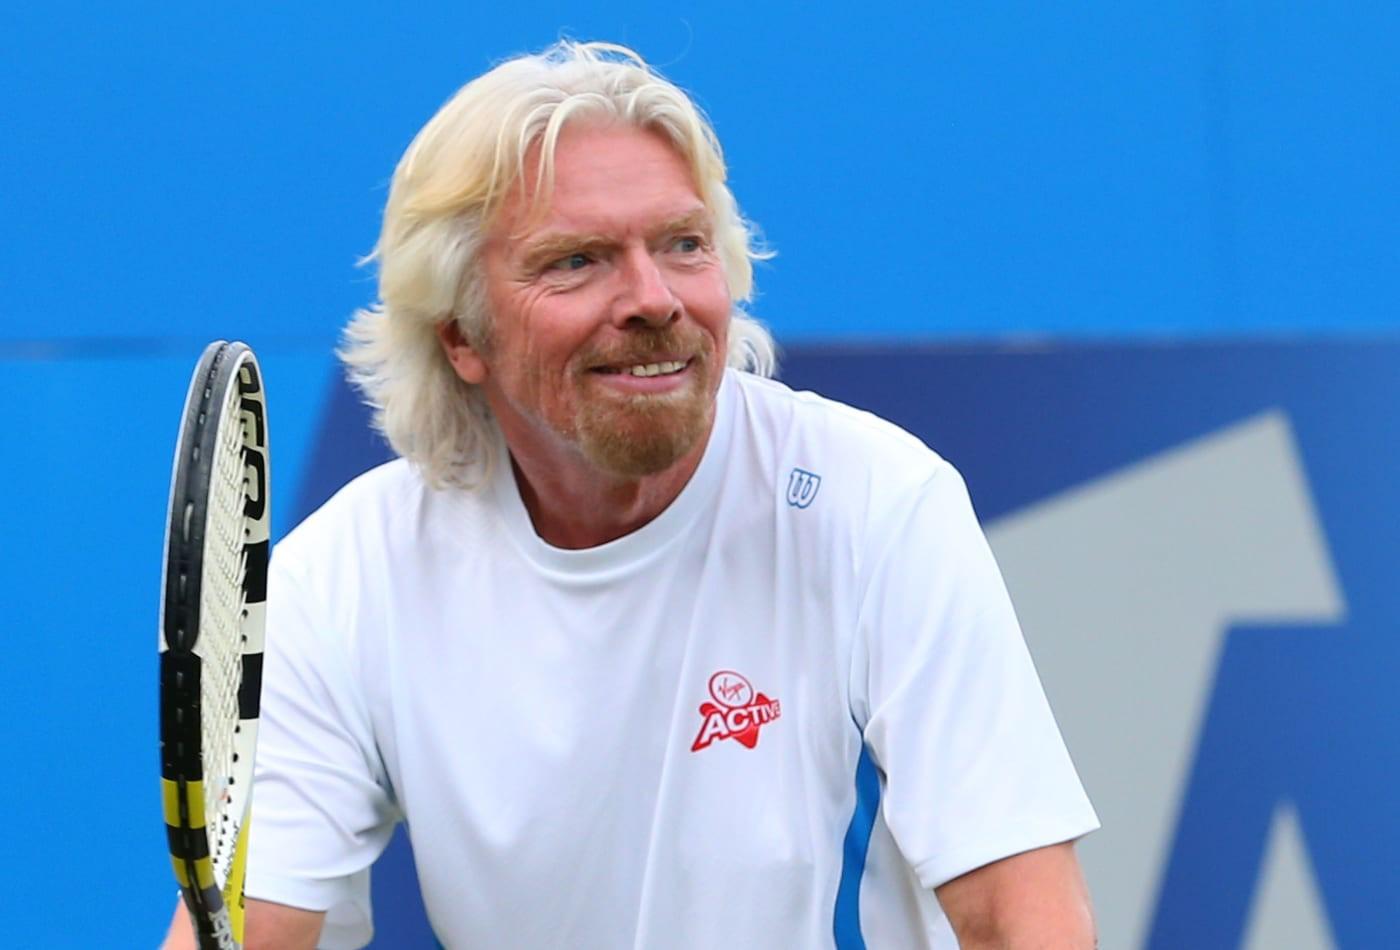 លោក Richard Branson មានទម្លាប់បែបណា ធ្វើឱ្យគាត់មានសុខភាពល្អក្នុងជិវិតនេះ